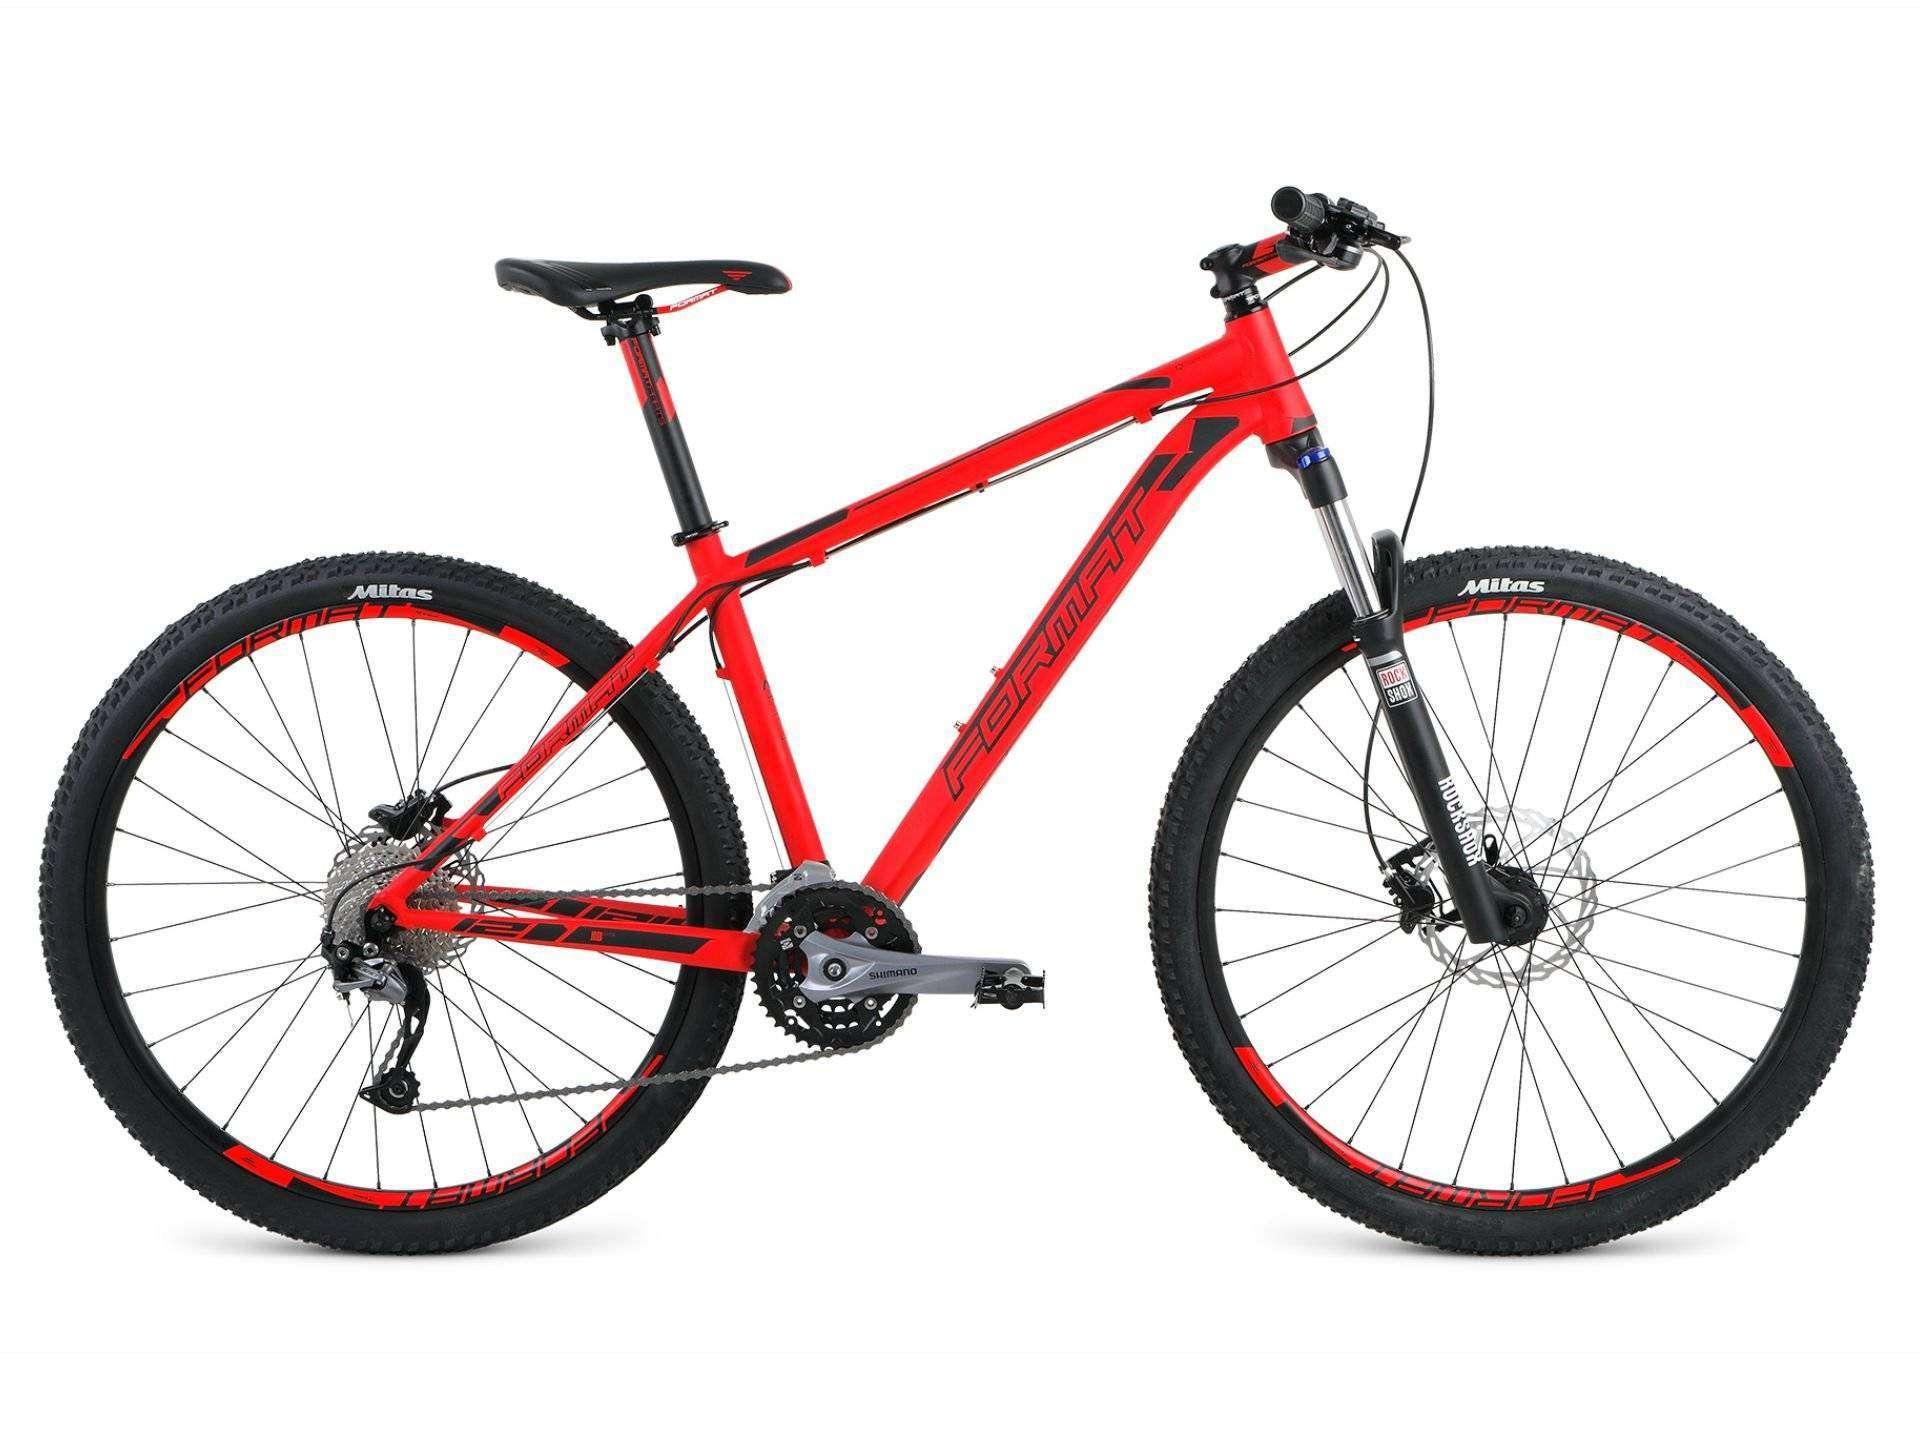 Купить Format 1214 29 2016, Велосипед FORMAT (29 27 ск. рост M) 2015-2016